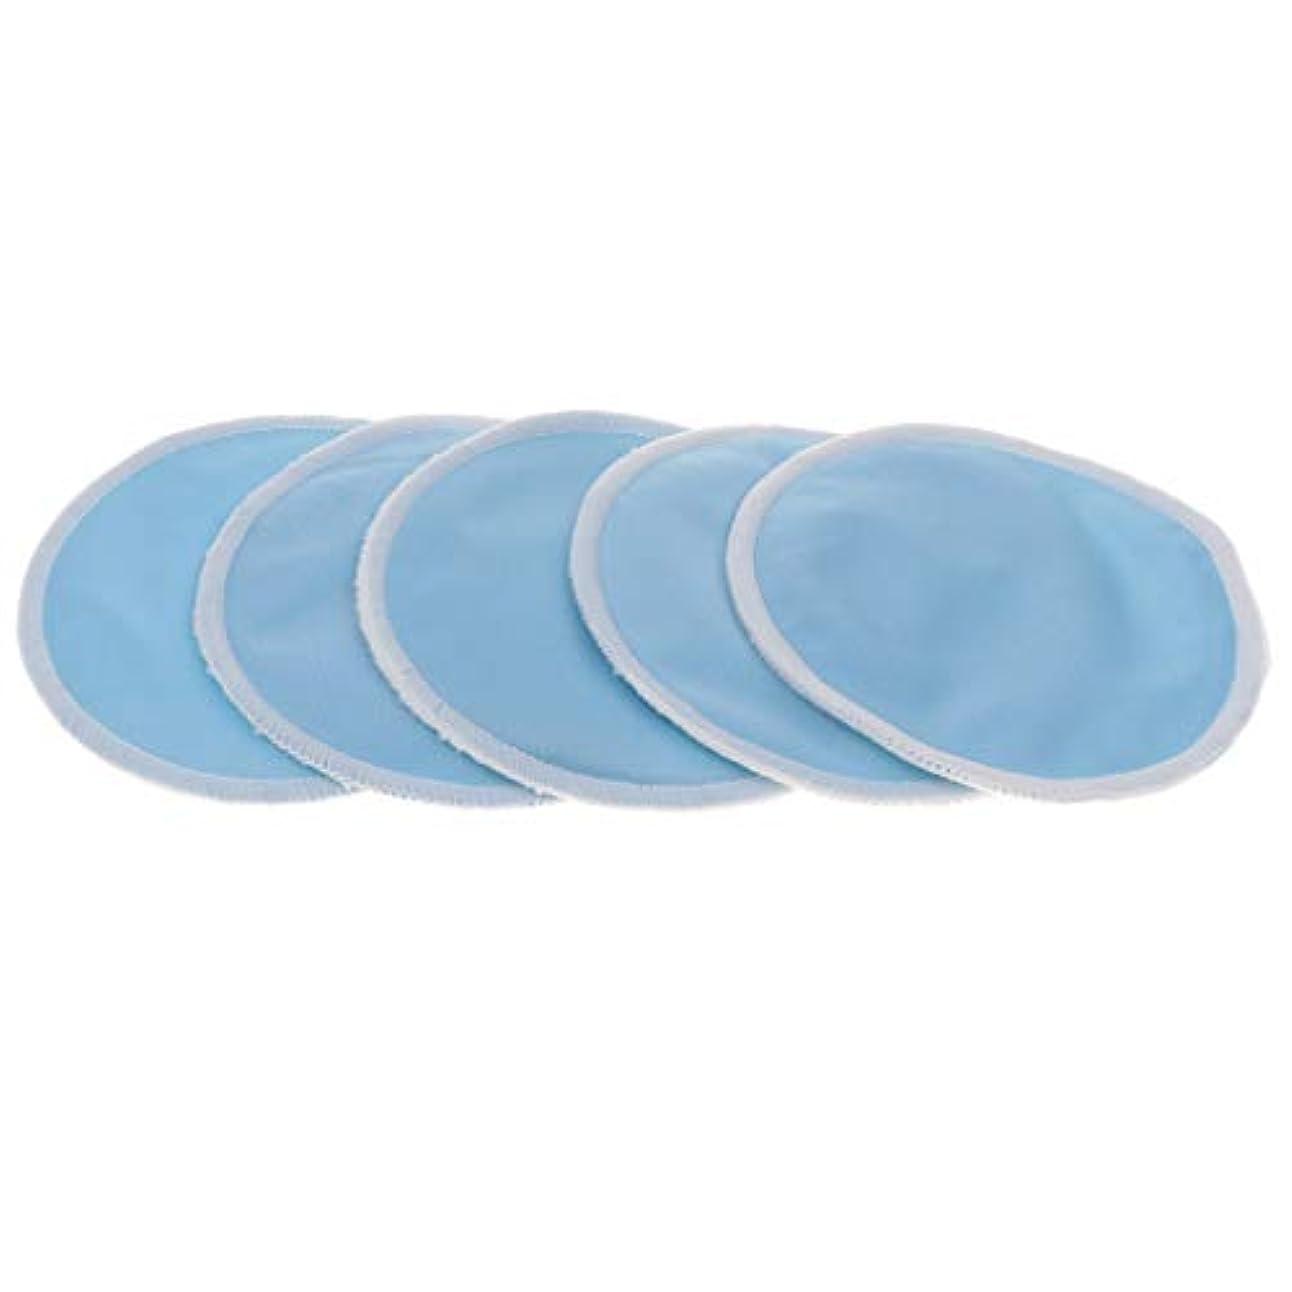 お母さん休憩解釈F Fityle 胸パッド クレンジングシート メイクアップ 竹繊維 円形 12cm 洗濯可能 再使用可 5個 全5色 - 青